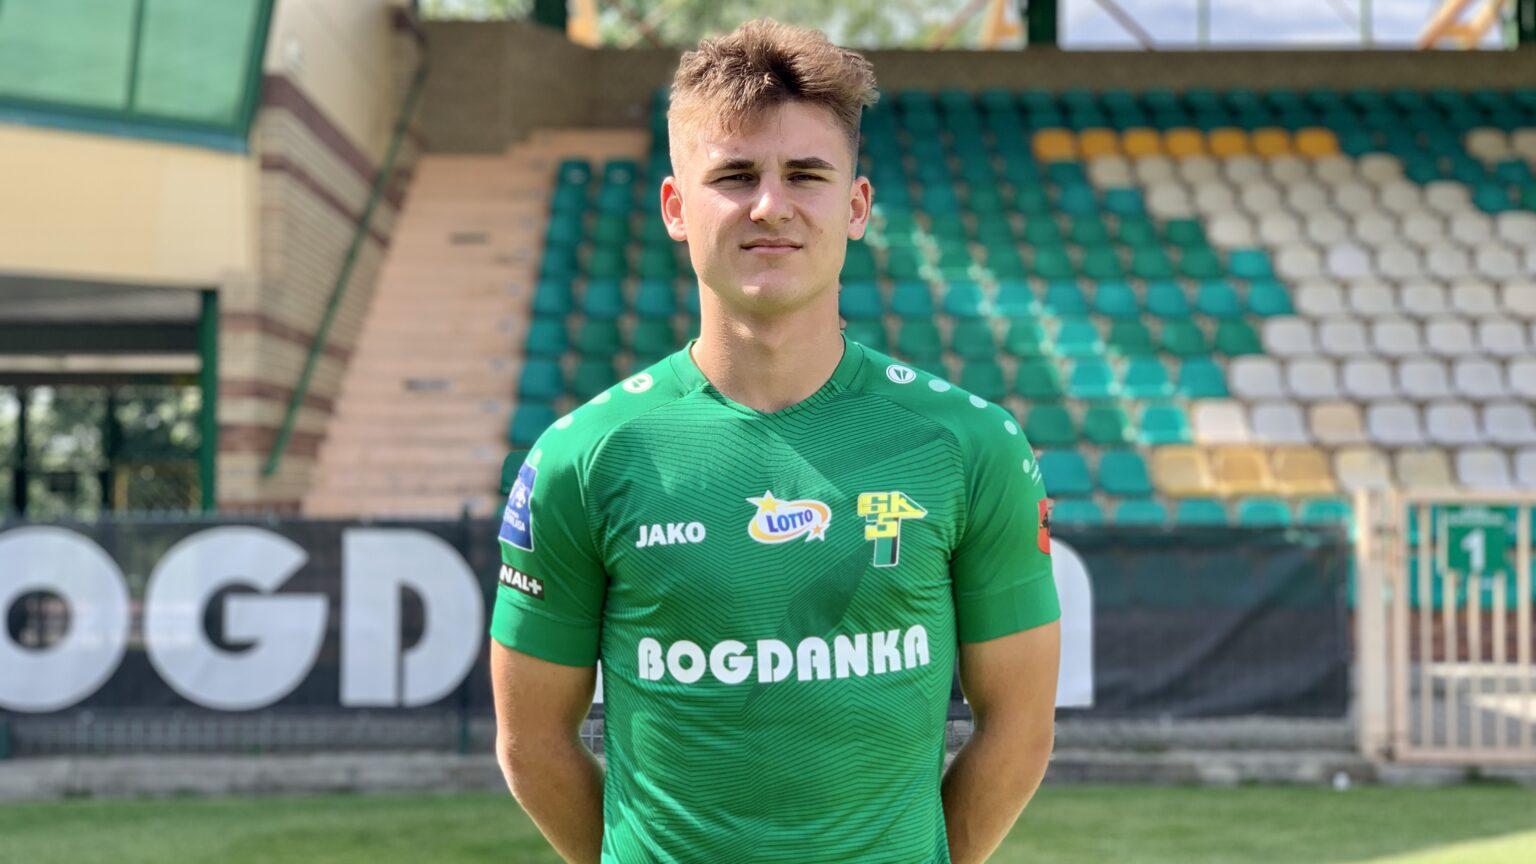 Nowy piłkarz w Górniku Łęczna. Nastolatek grał ostatnio w Lechu Poznań - Zdjęcie główne